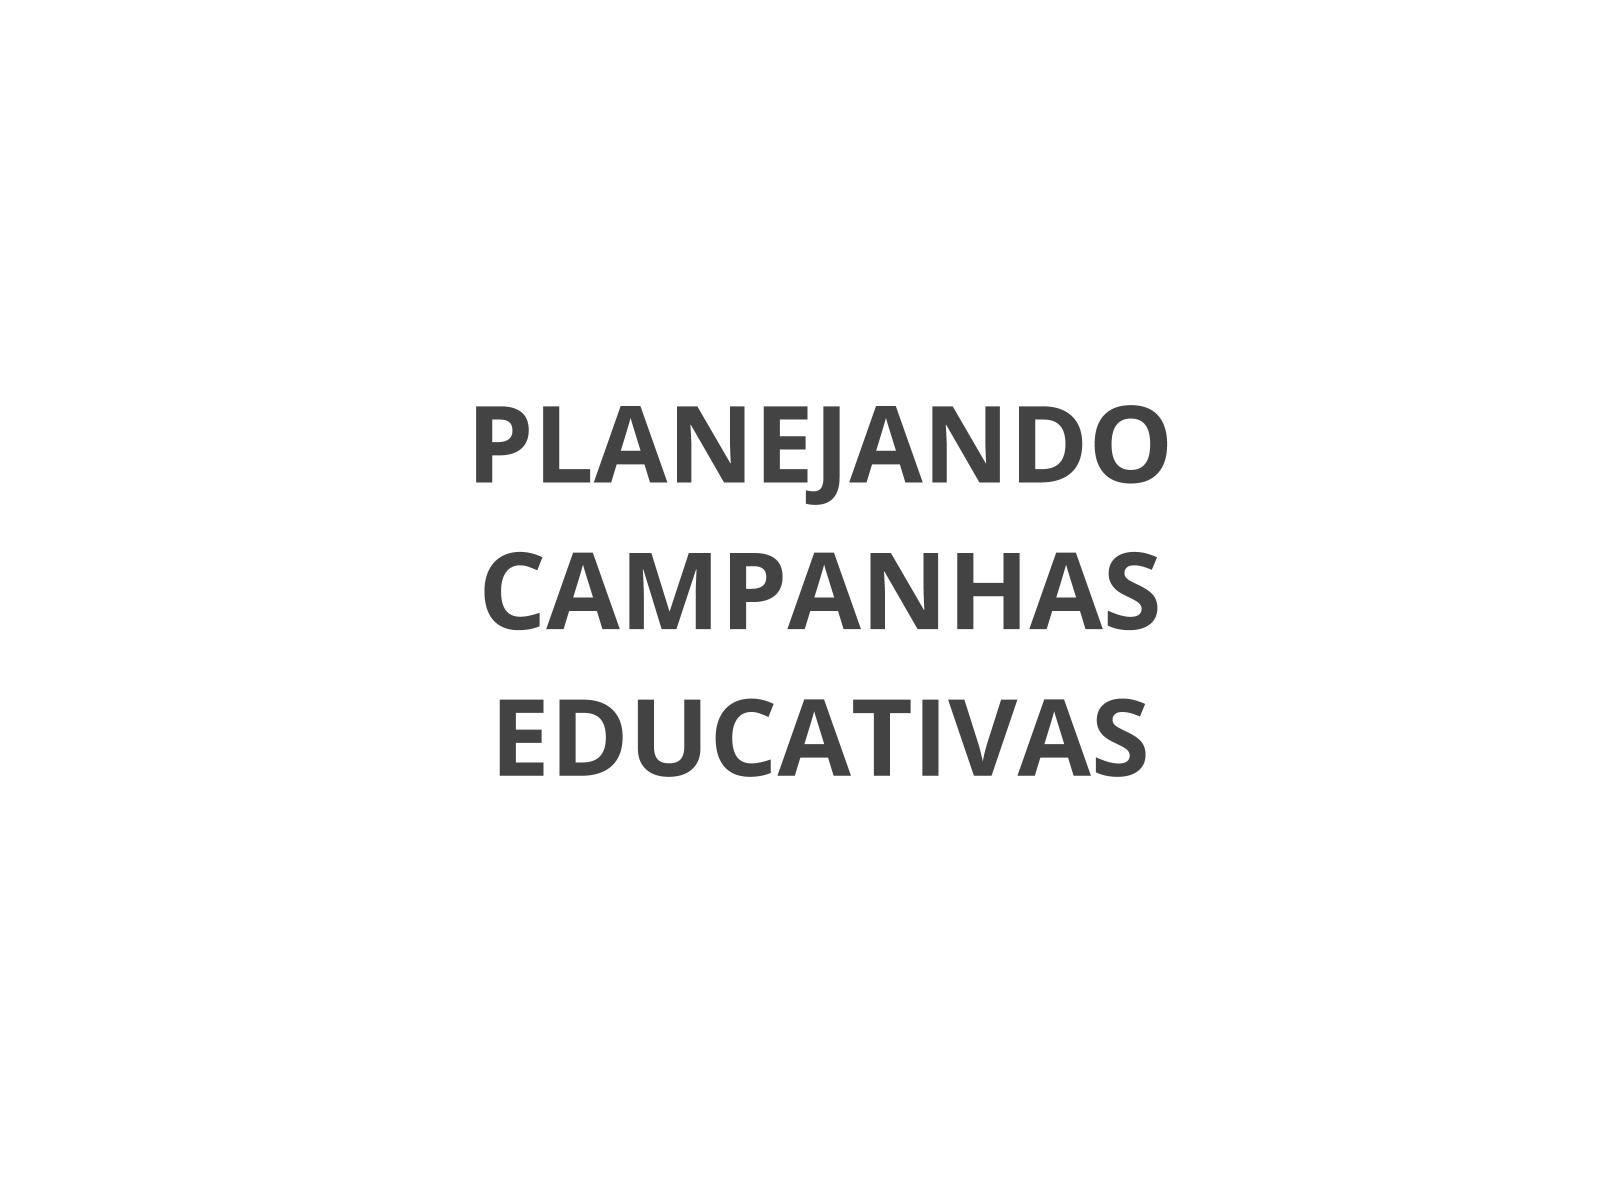 Planejando campanhas educativas.